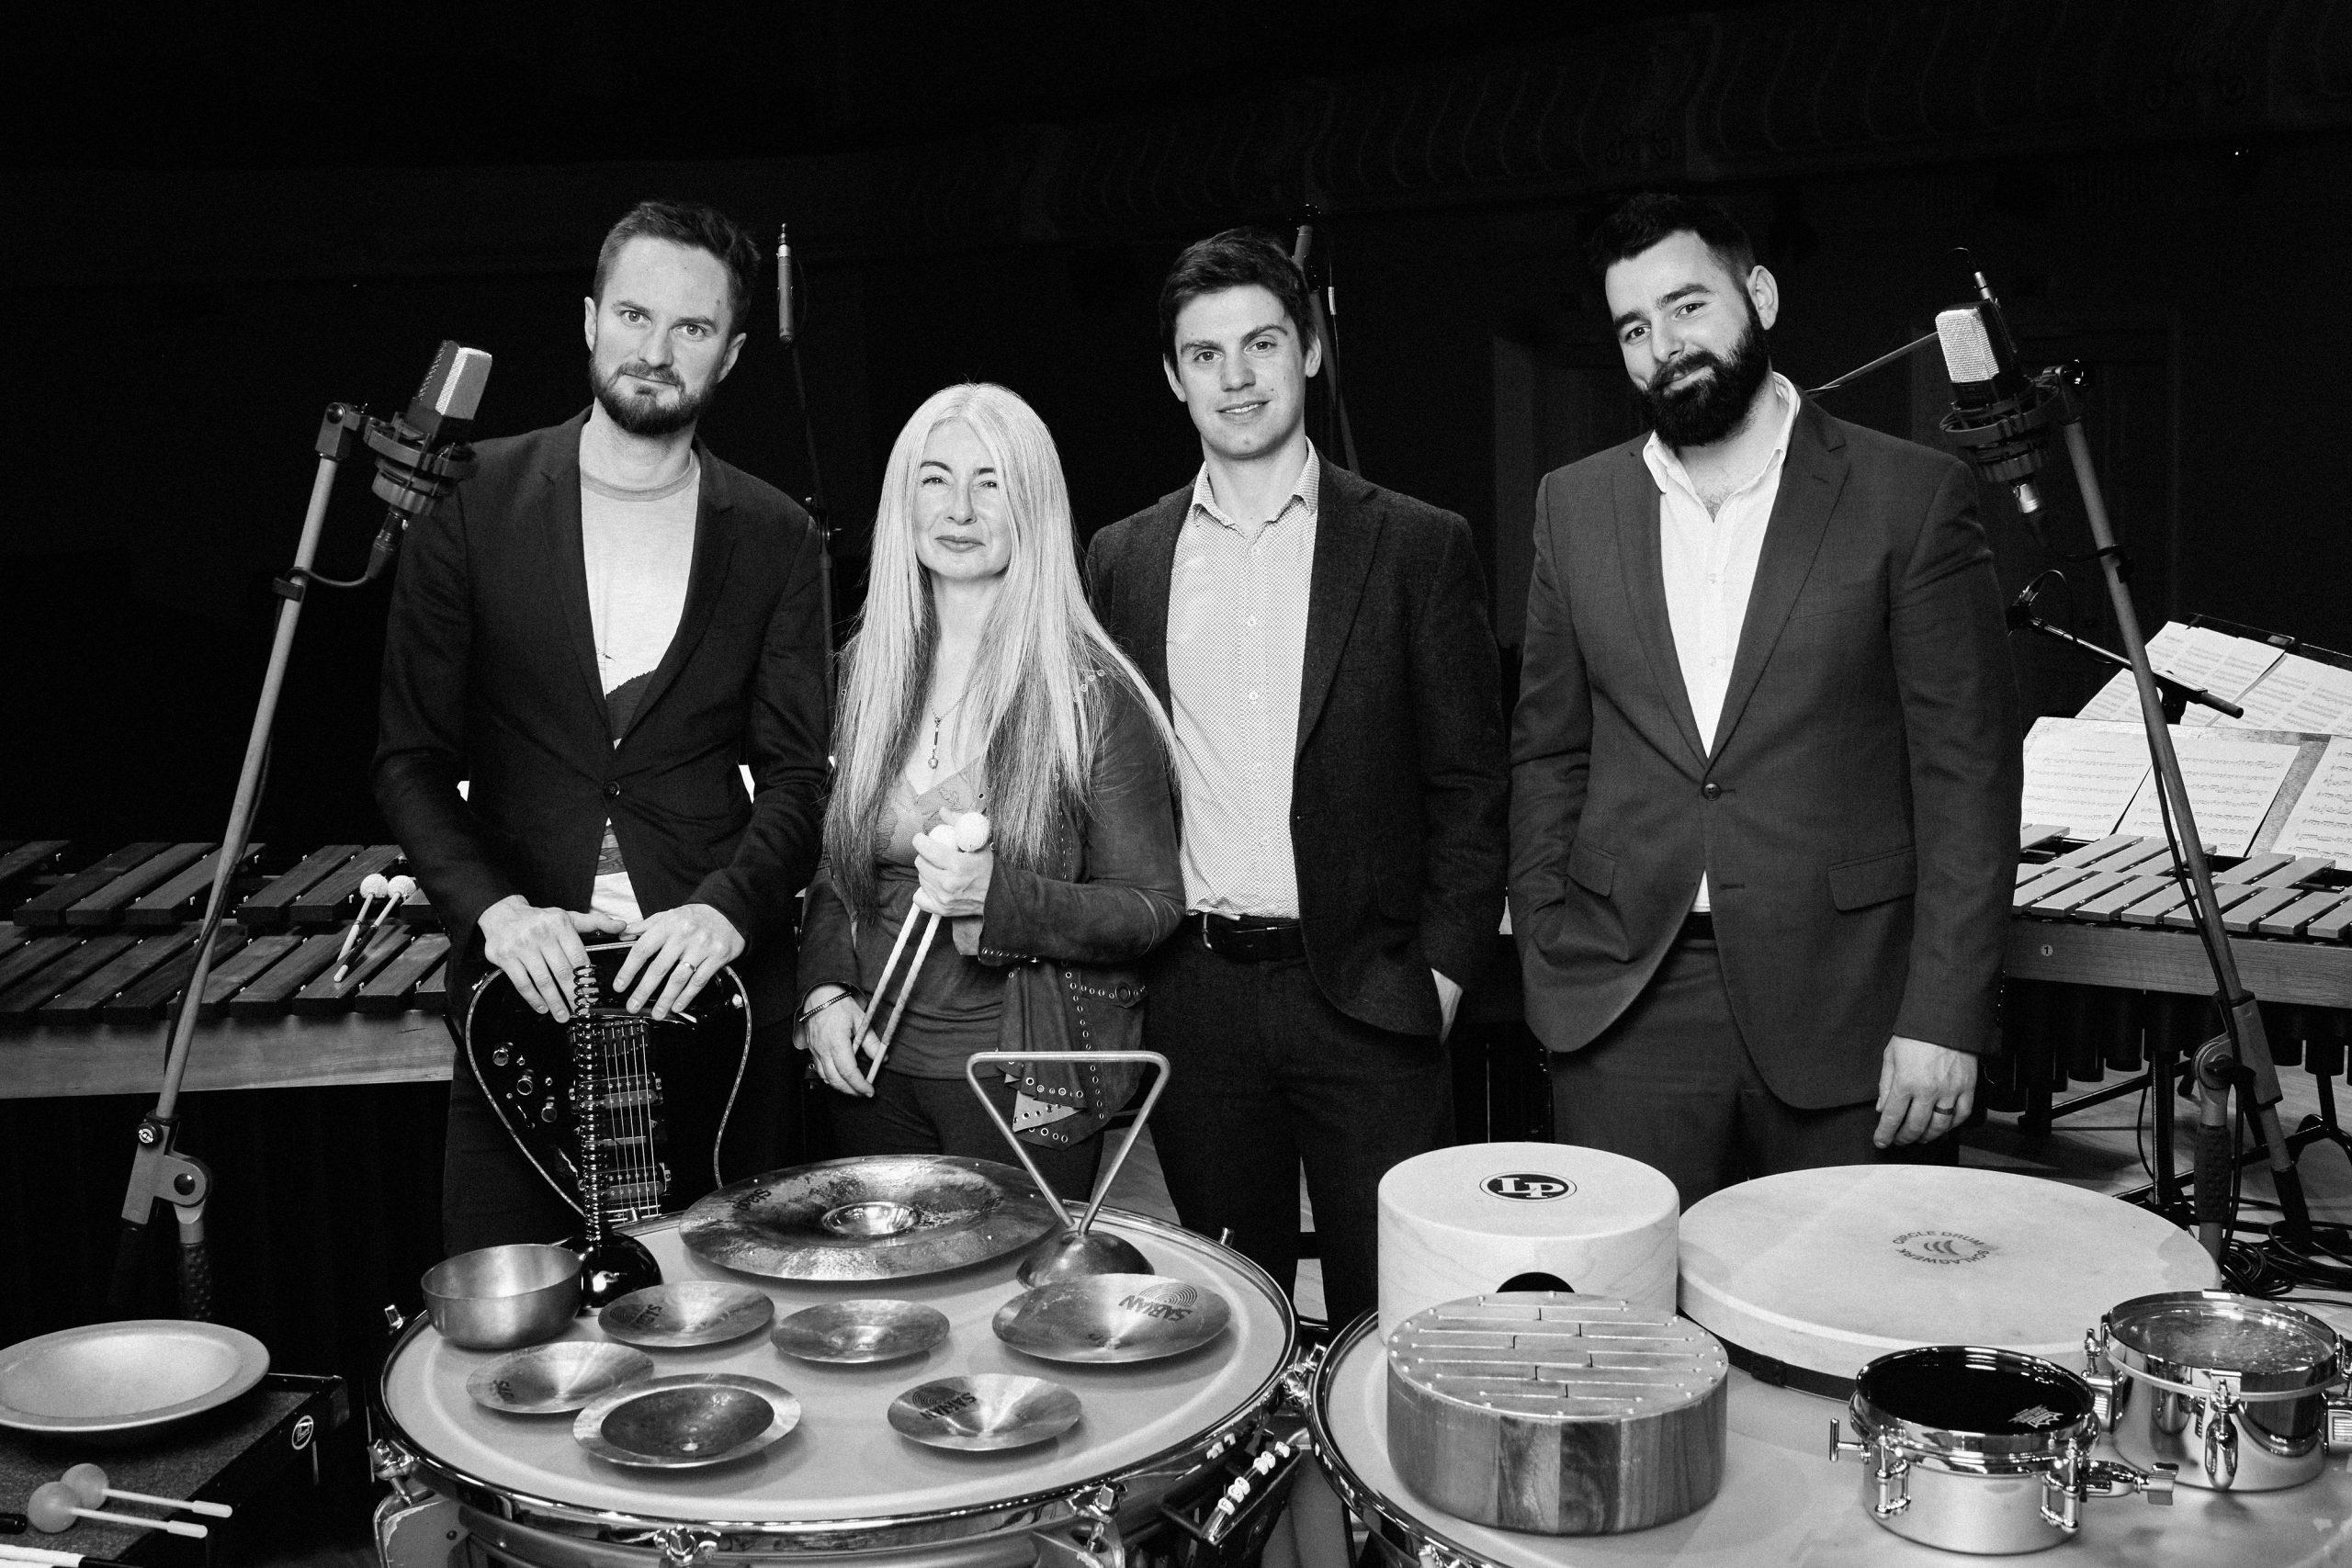 Evelyn Glennie and Trio HLK © Kaupo Kikkas